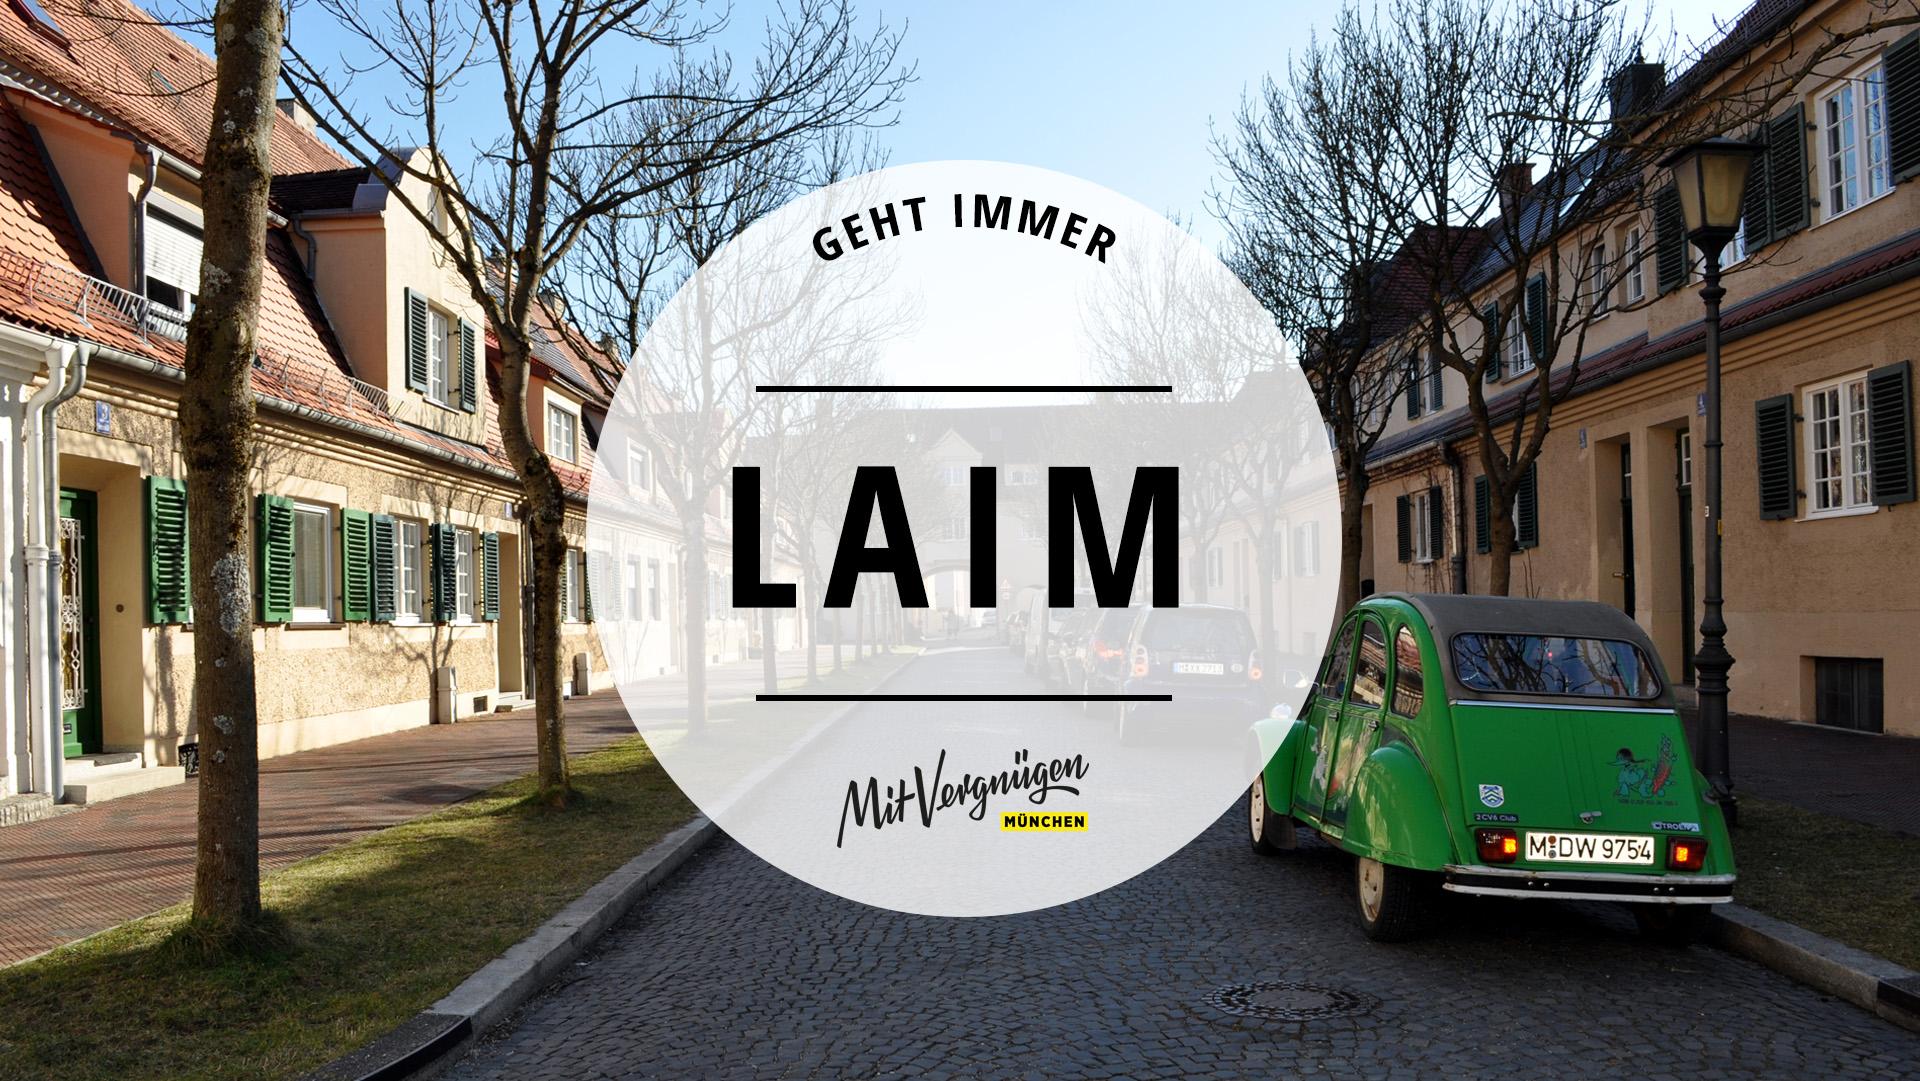 11 Dinge Die Du Immer In Laim Machen Kannst Mit Vergnügen München